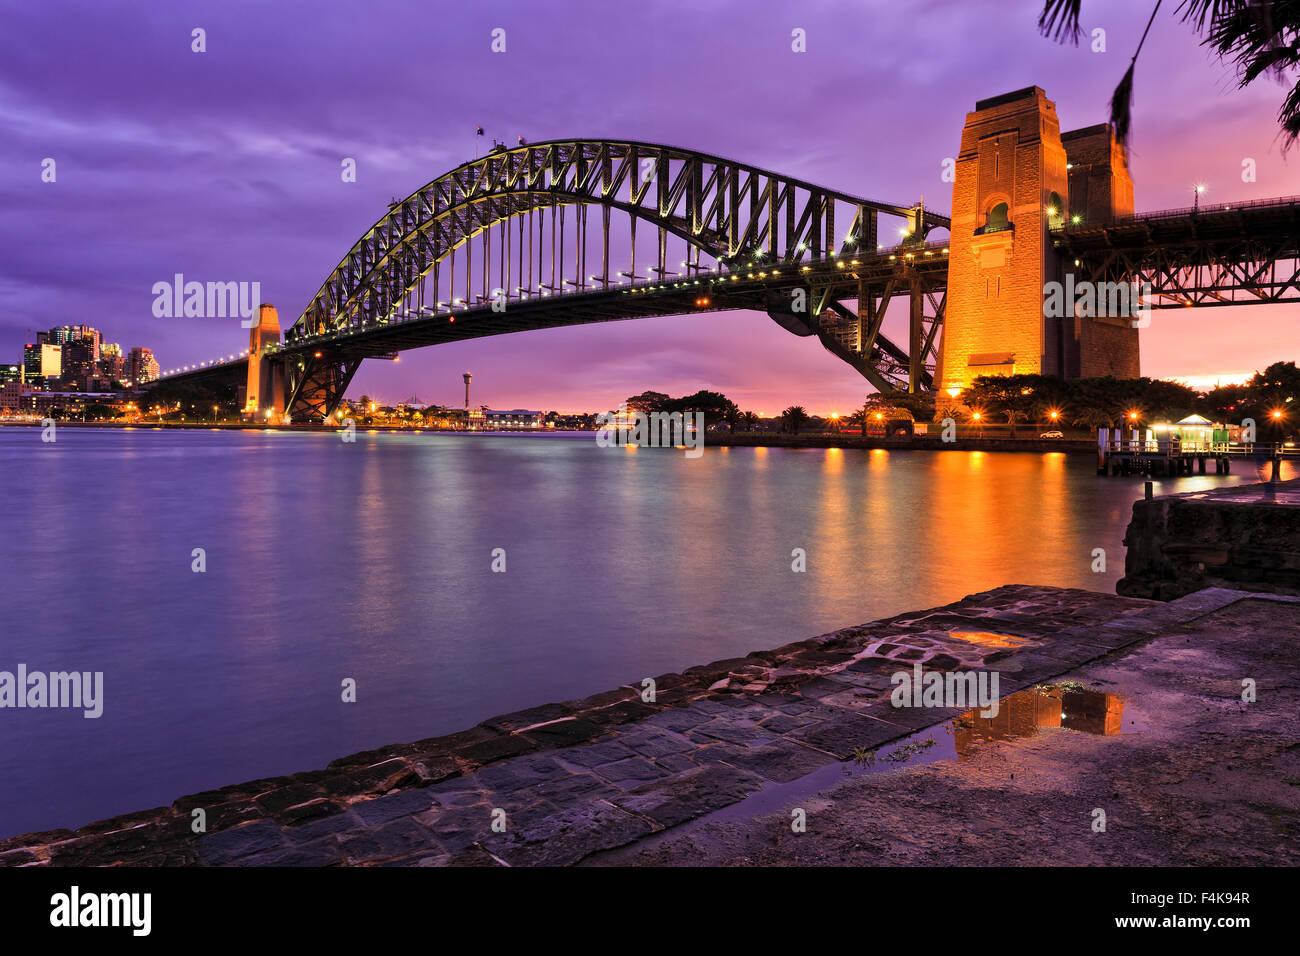 Sydney Hafen-Brücke-Seitenansicht von Milsons Point nach frischem Regen wenn hell Brückenbogen und Spalte Stockbild